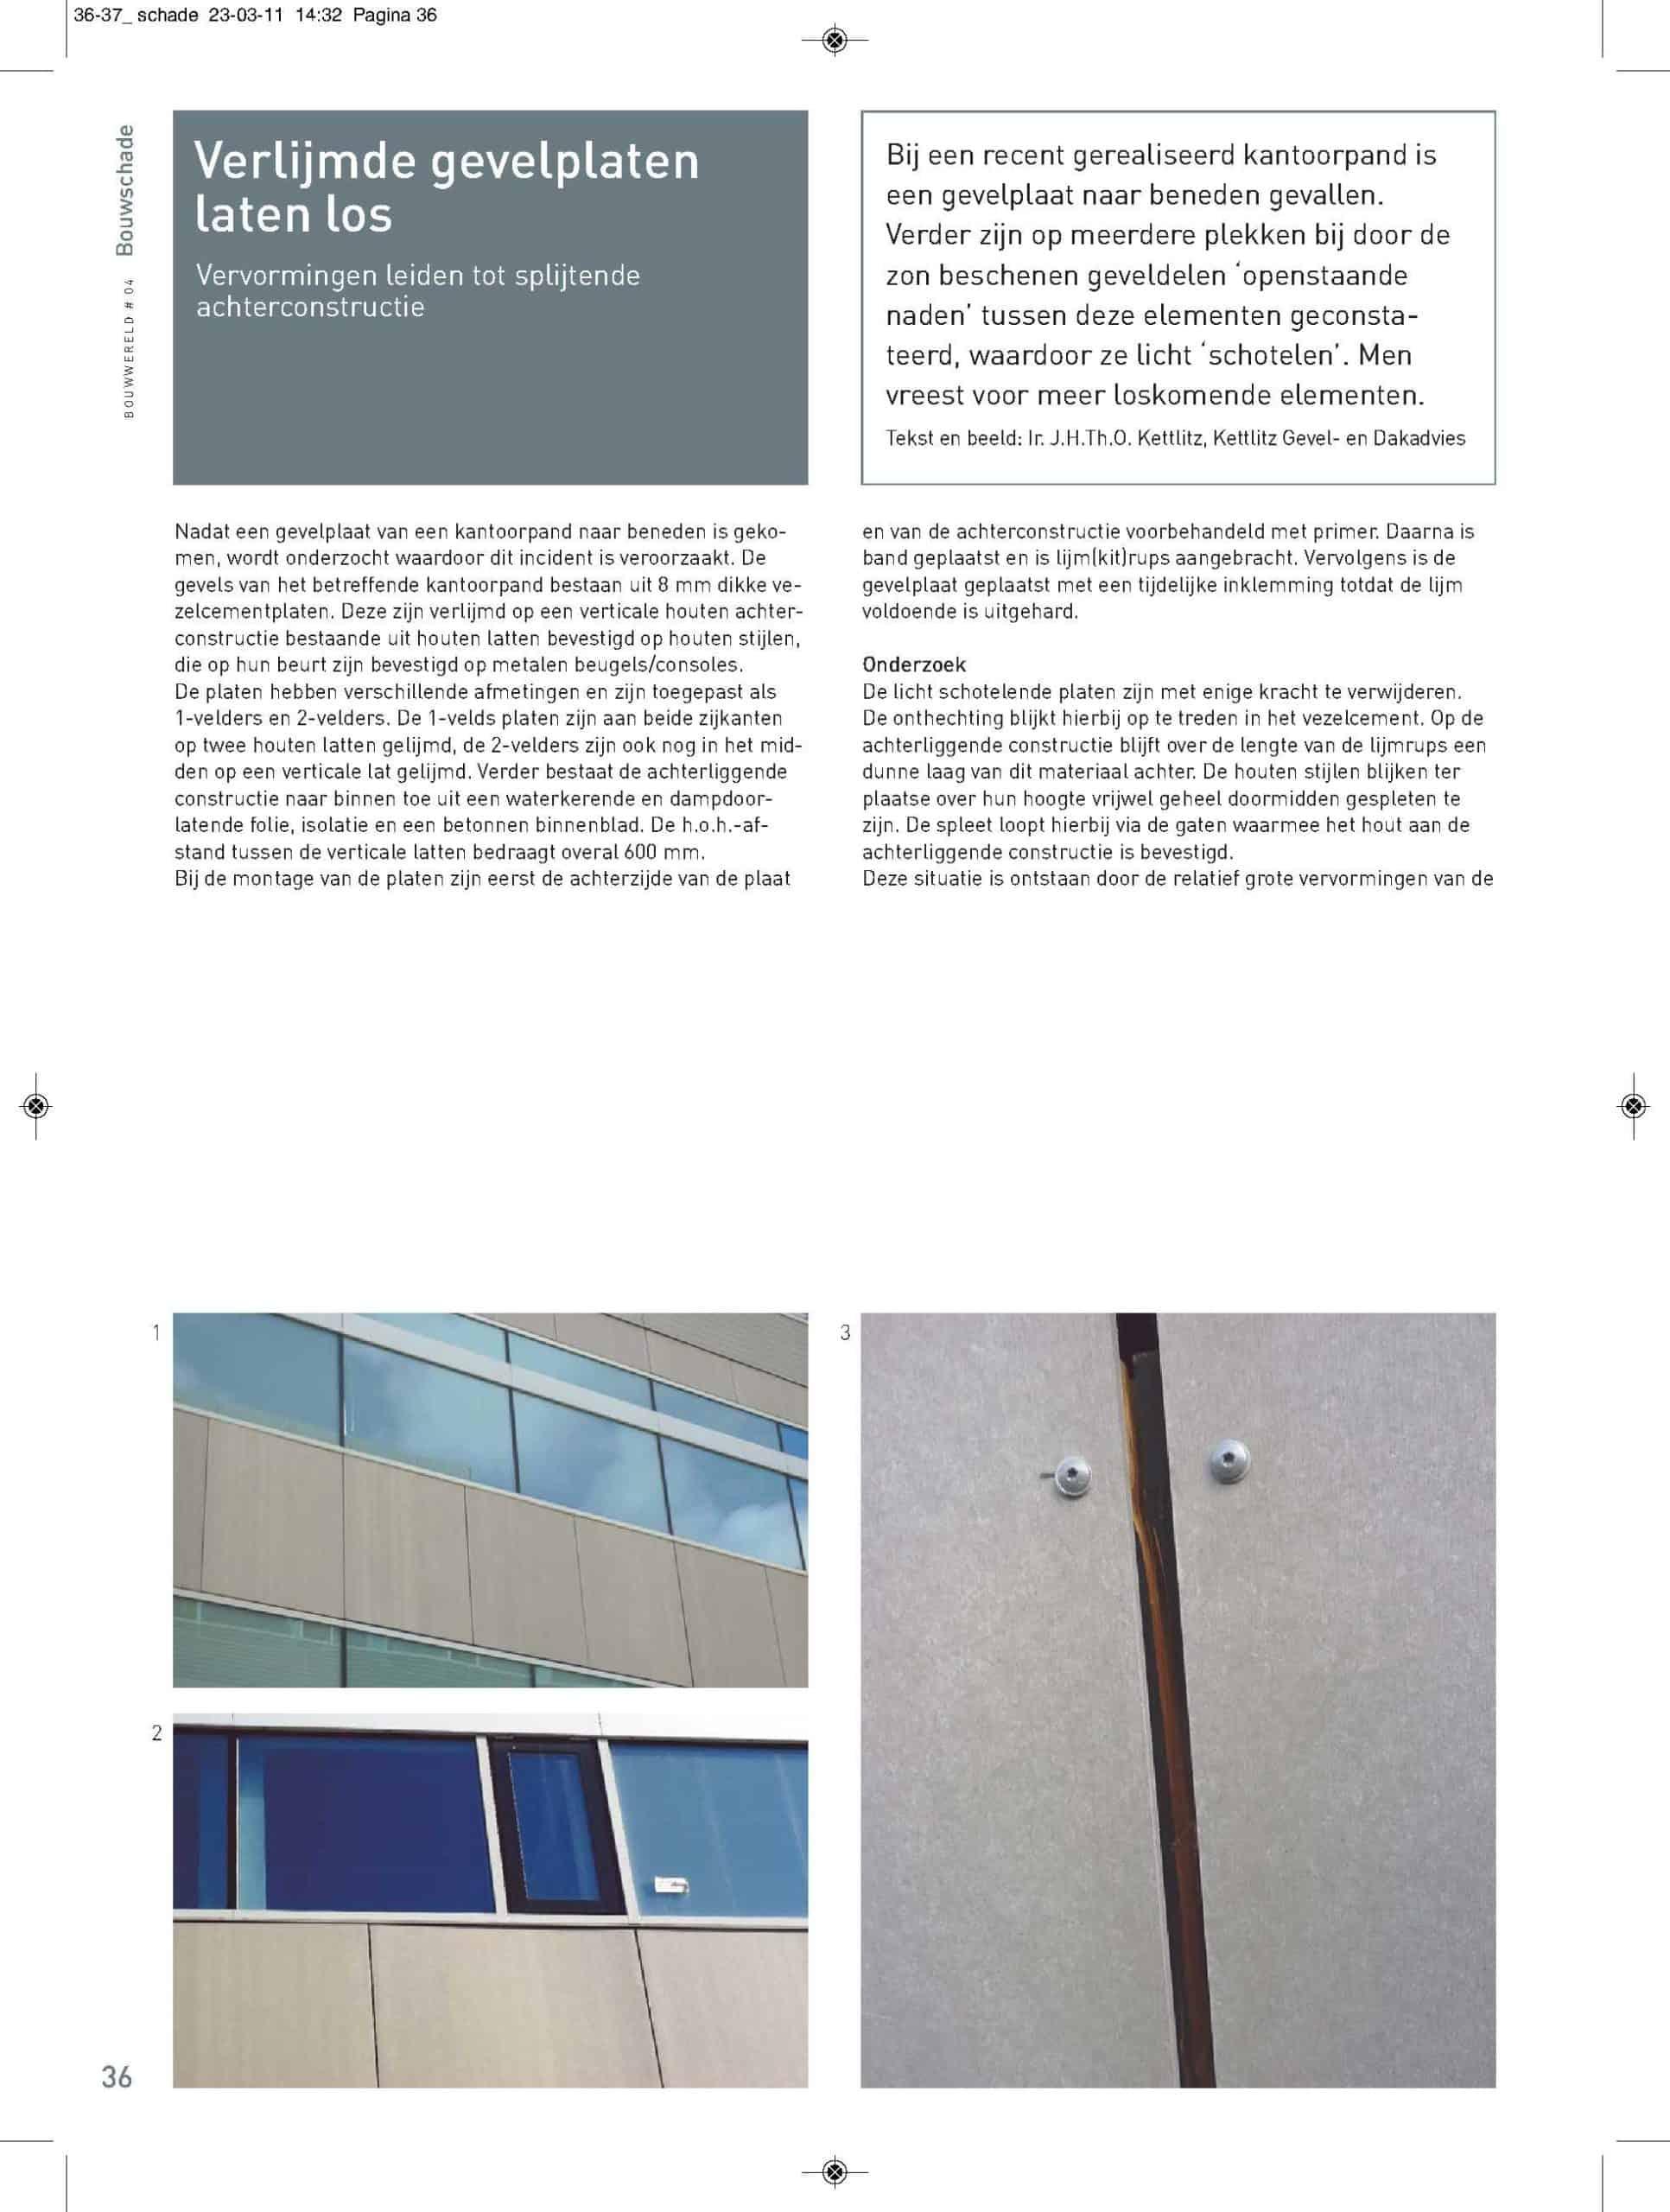 Bouwwereld_2011-04_Verlijmde-gevelplaten-laten-los_1-1-scaled